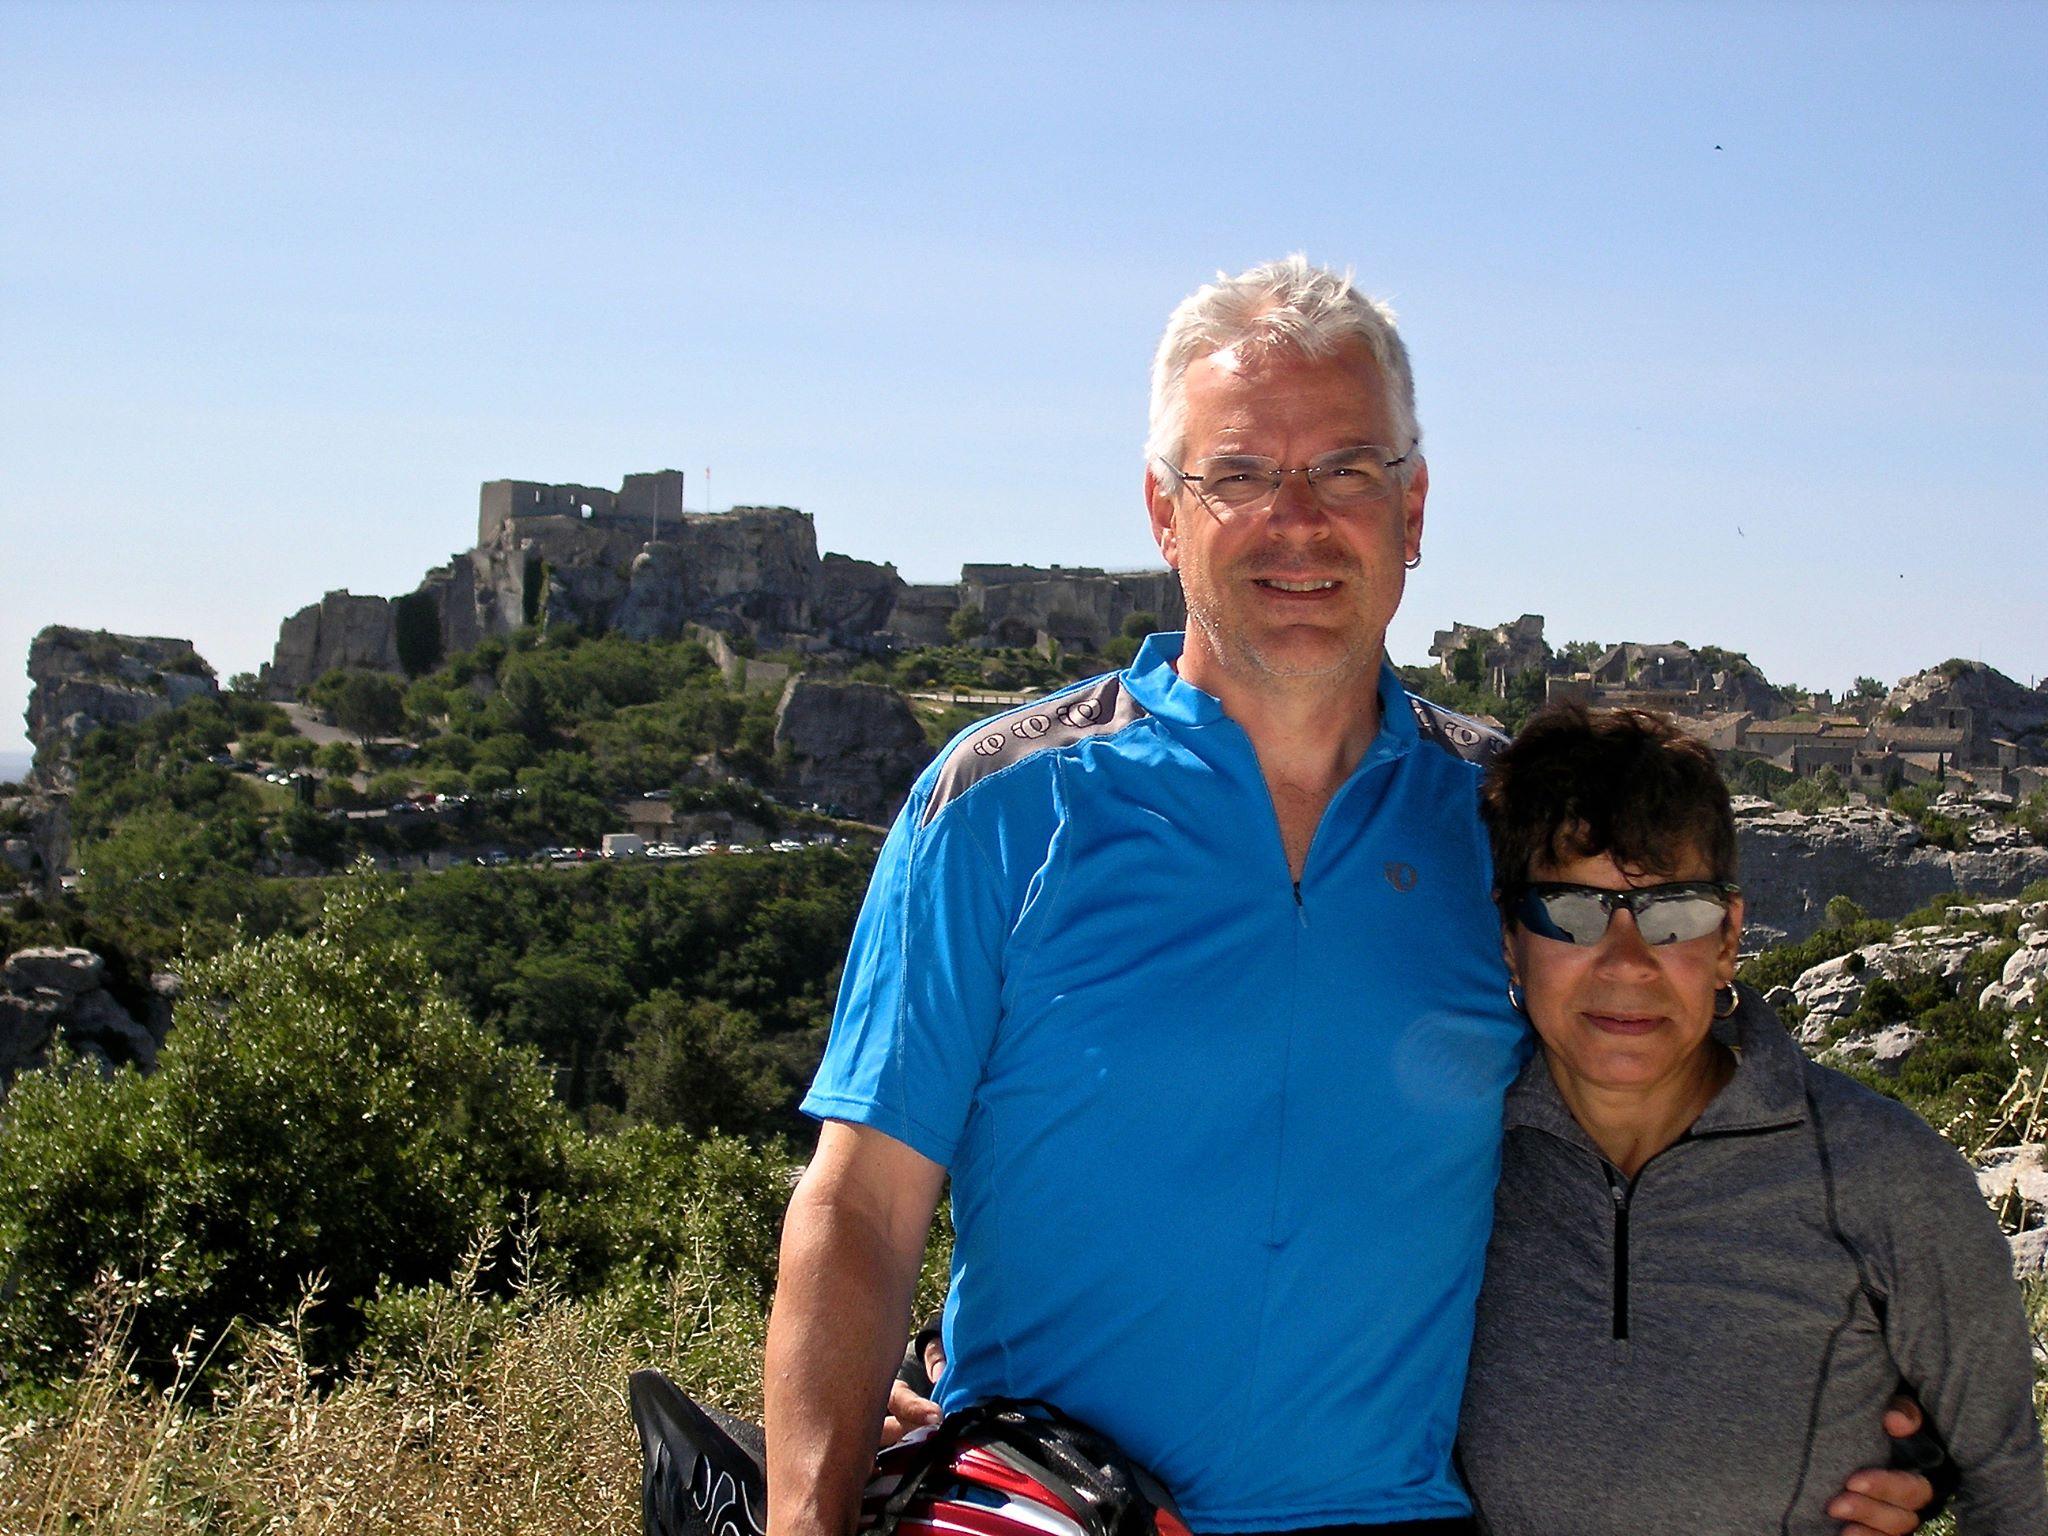 Bob and wife, Maria, in Les Baux de Provence